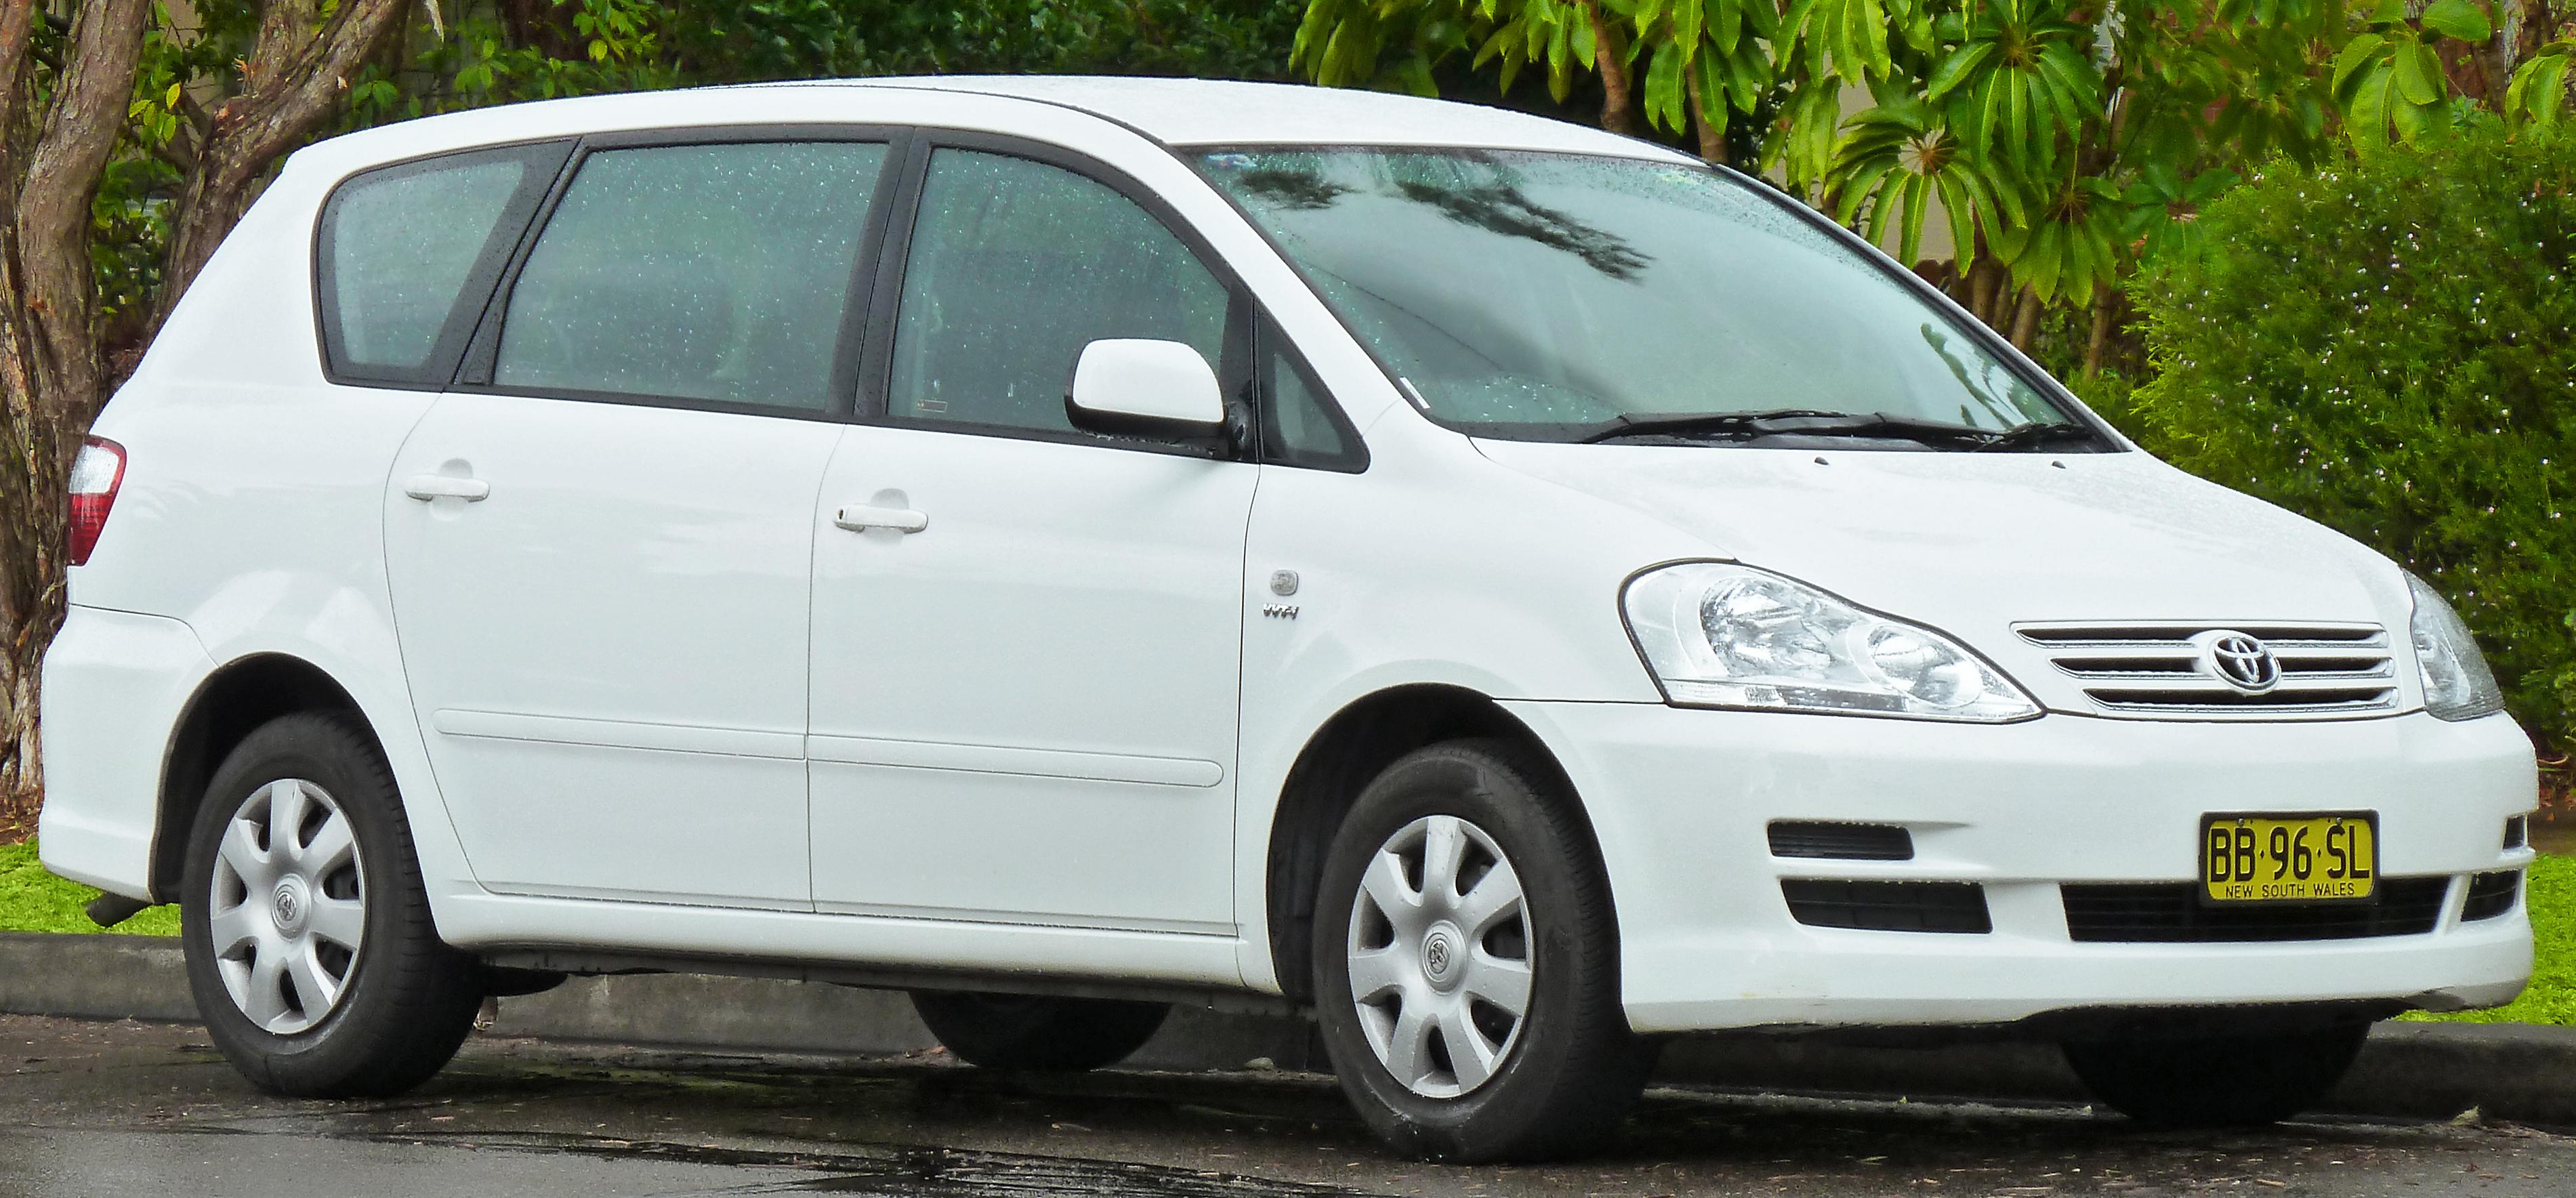 toyota ipsum wikiwand rh wikiwand com 1998 Toyota Ipsum Toyota Ipsum 2010